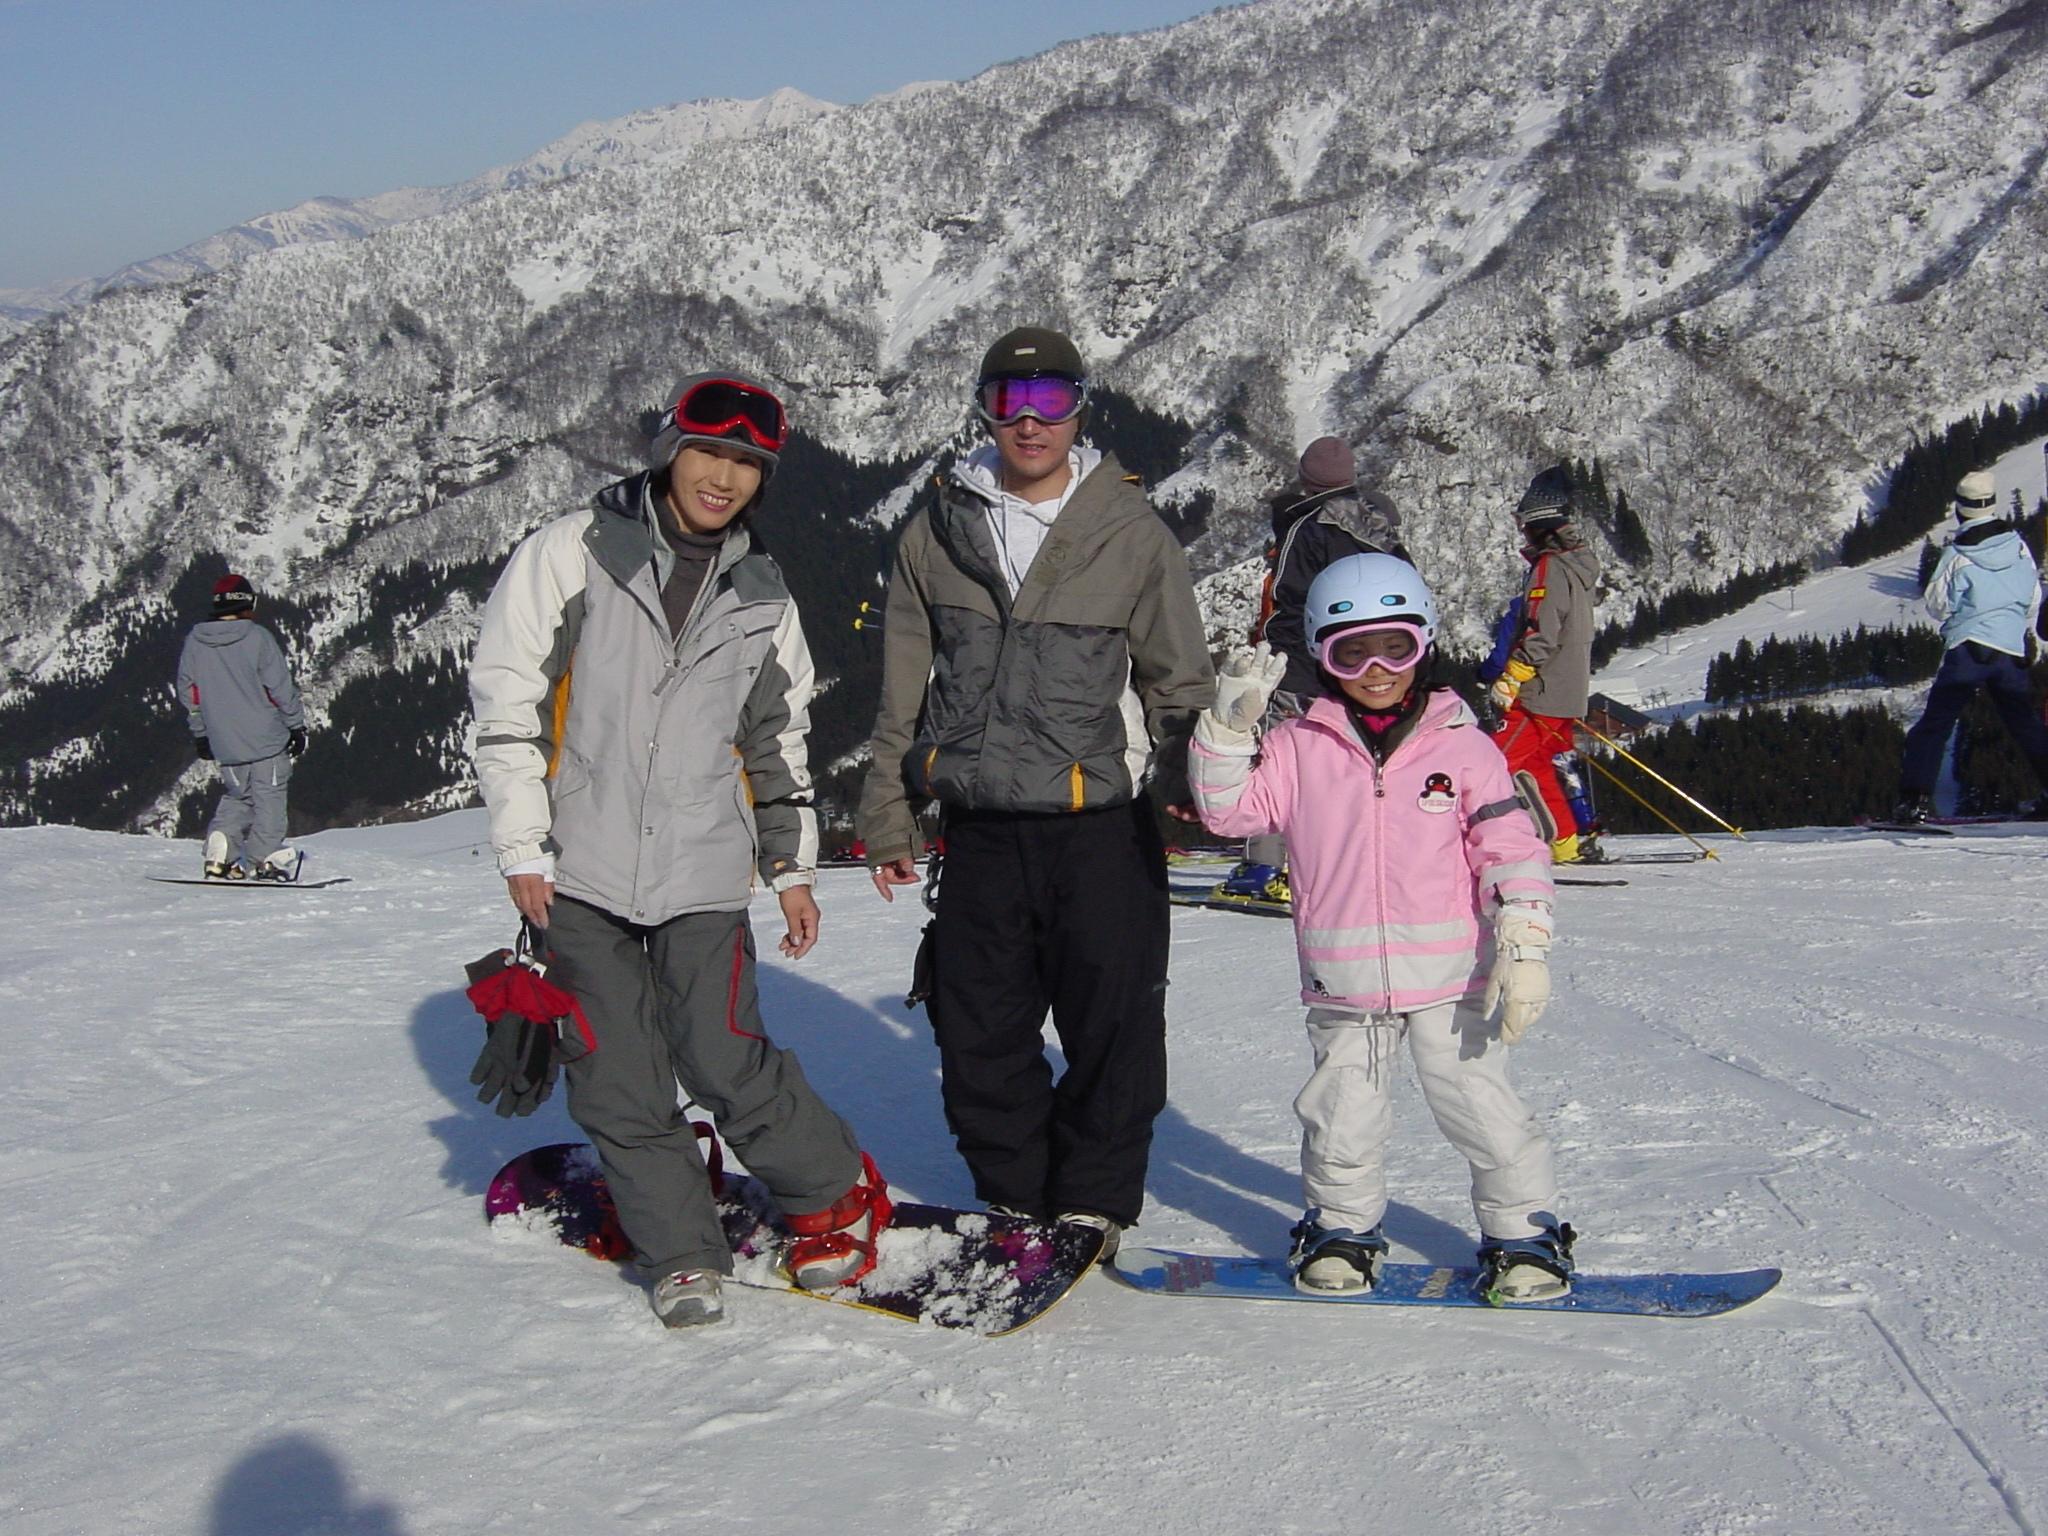 小学2年の冬、家族で雪山スノーボードデビュー(舞子リゾート)